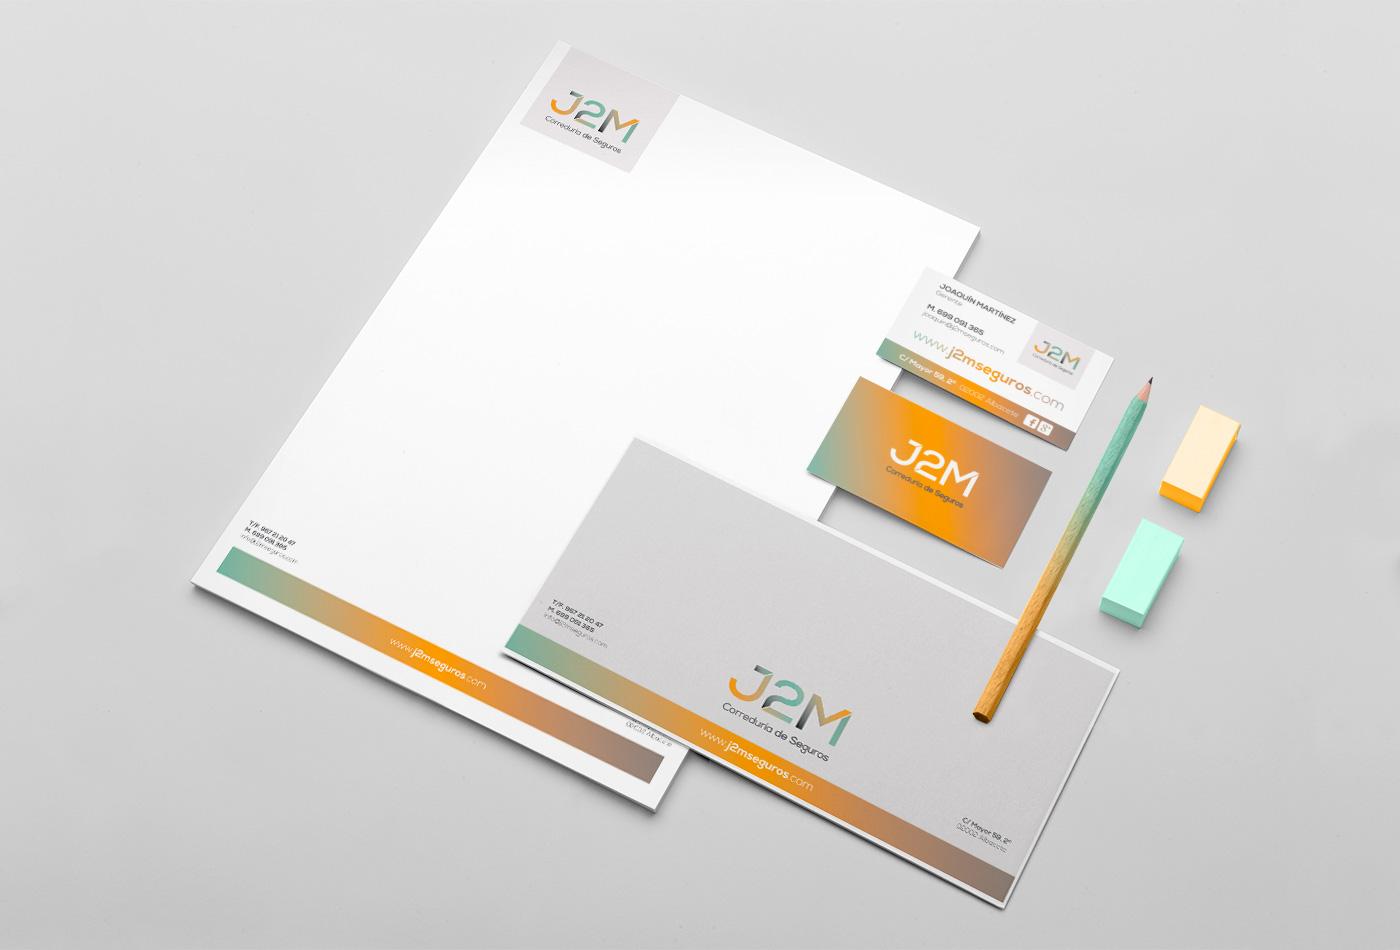 Papelería comercial empresa, Diseño grafico Albacete, branding Albacete, imprenta, J2M seguros